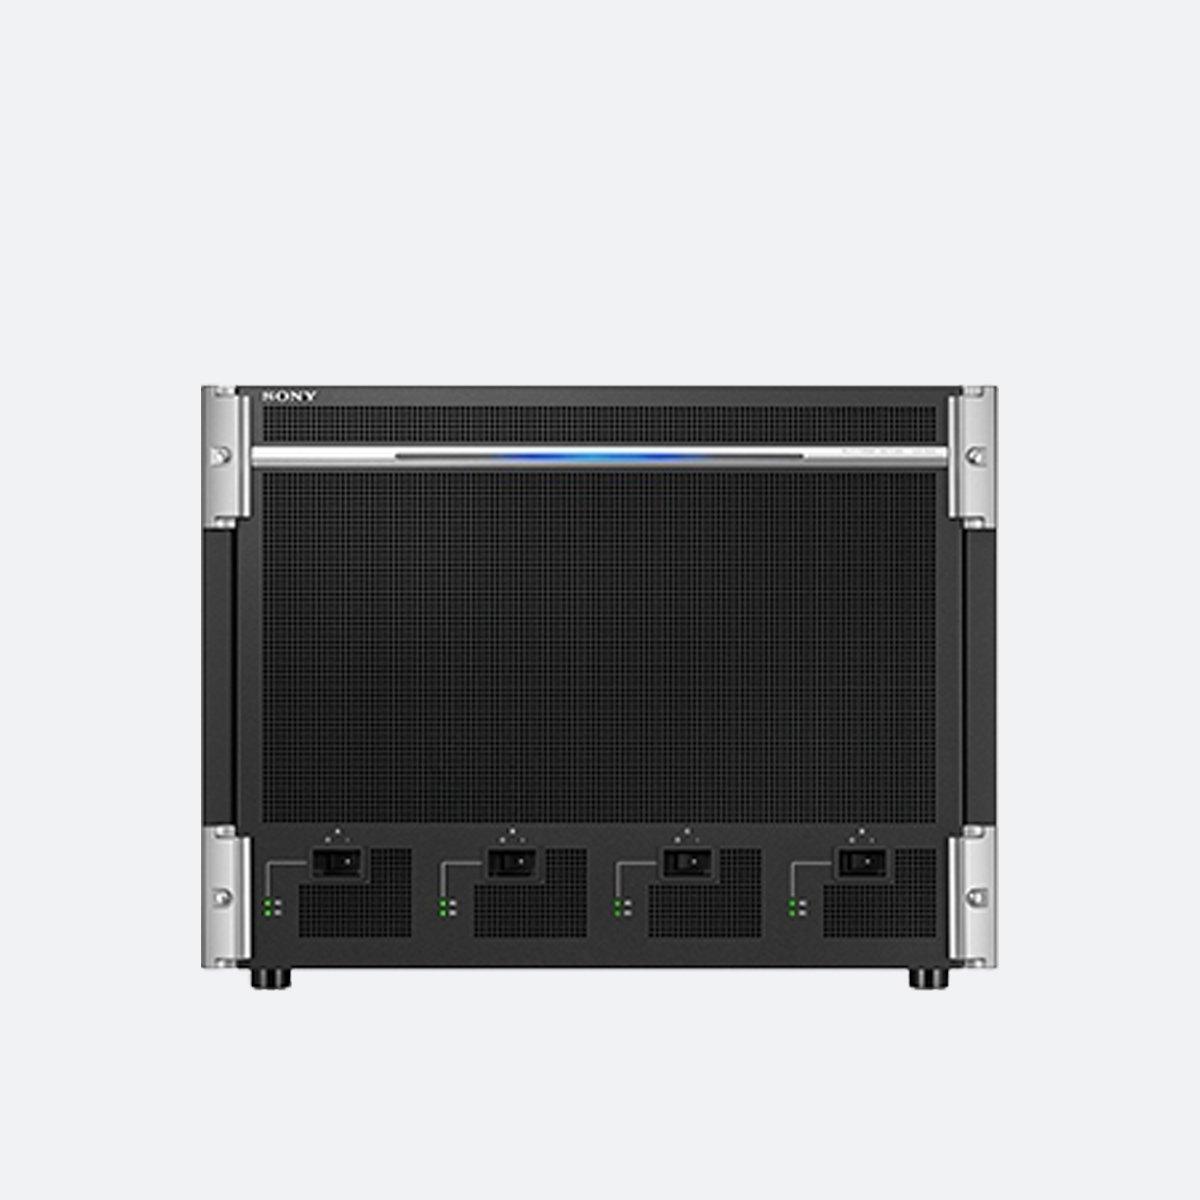 Sony-XVS-7000X